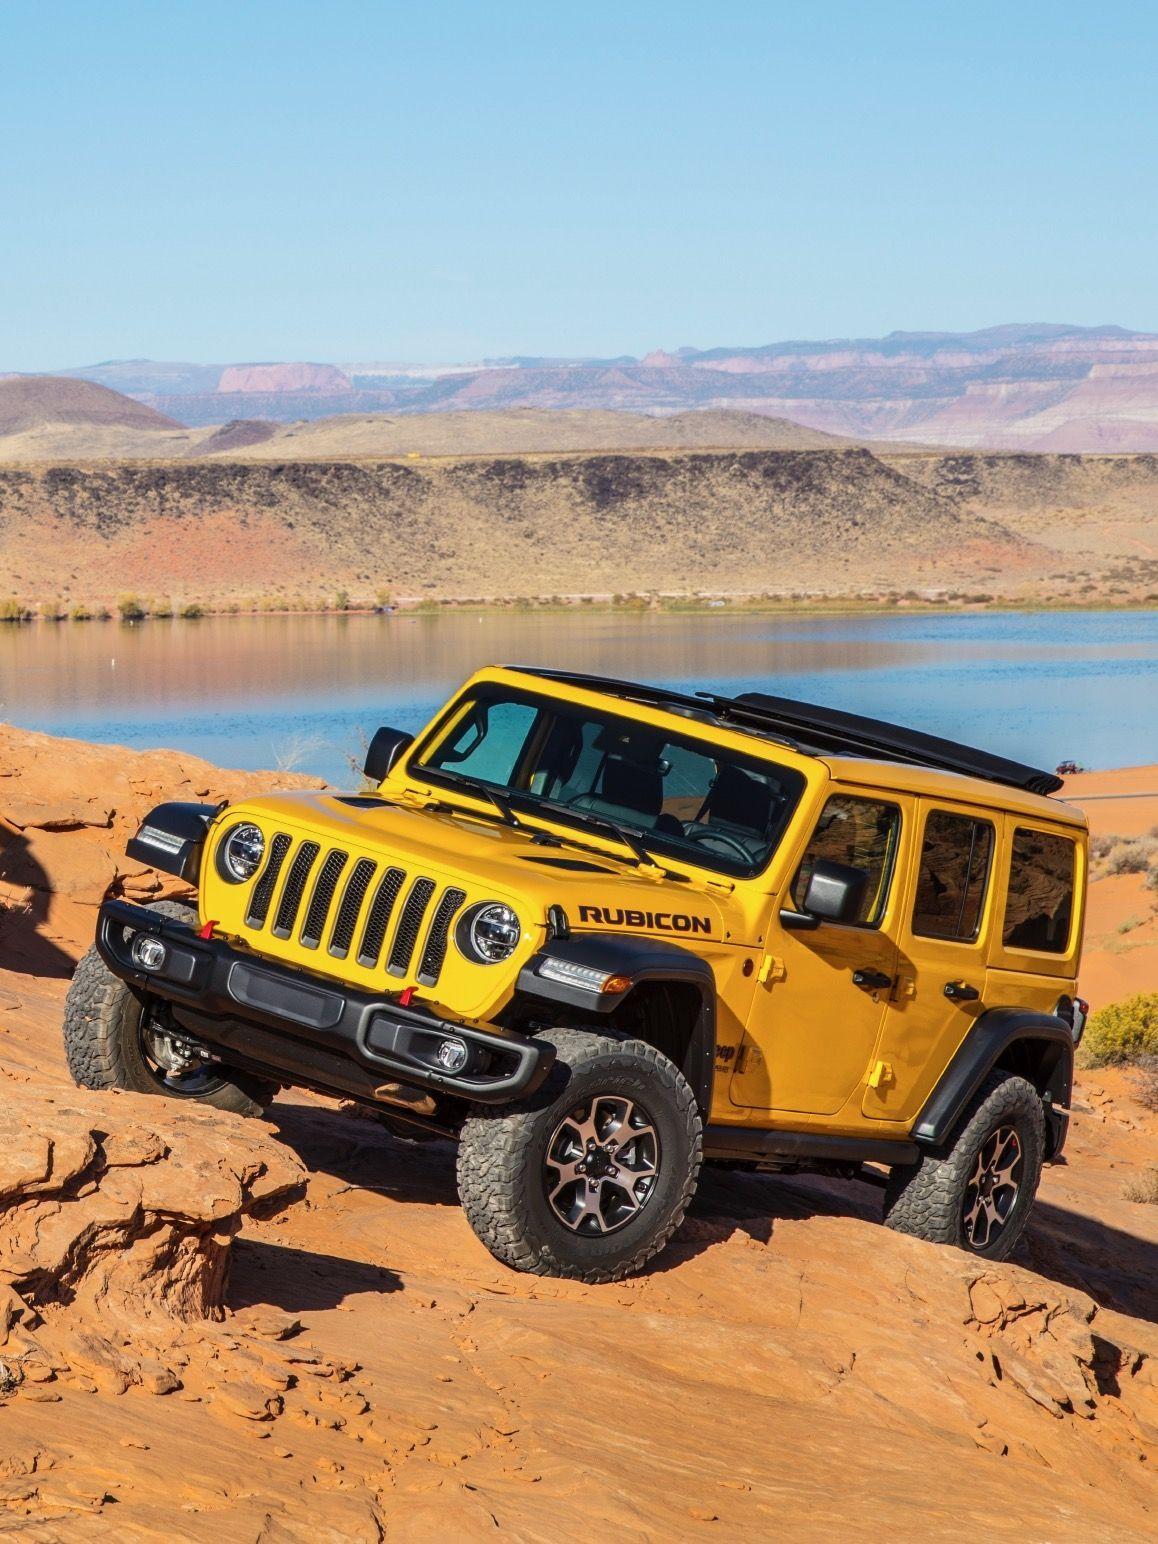 2020 Jeep Wrangler Rubicon Jeep Wrangler Rubicon Jeep Wrangler Jeep